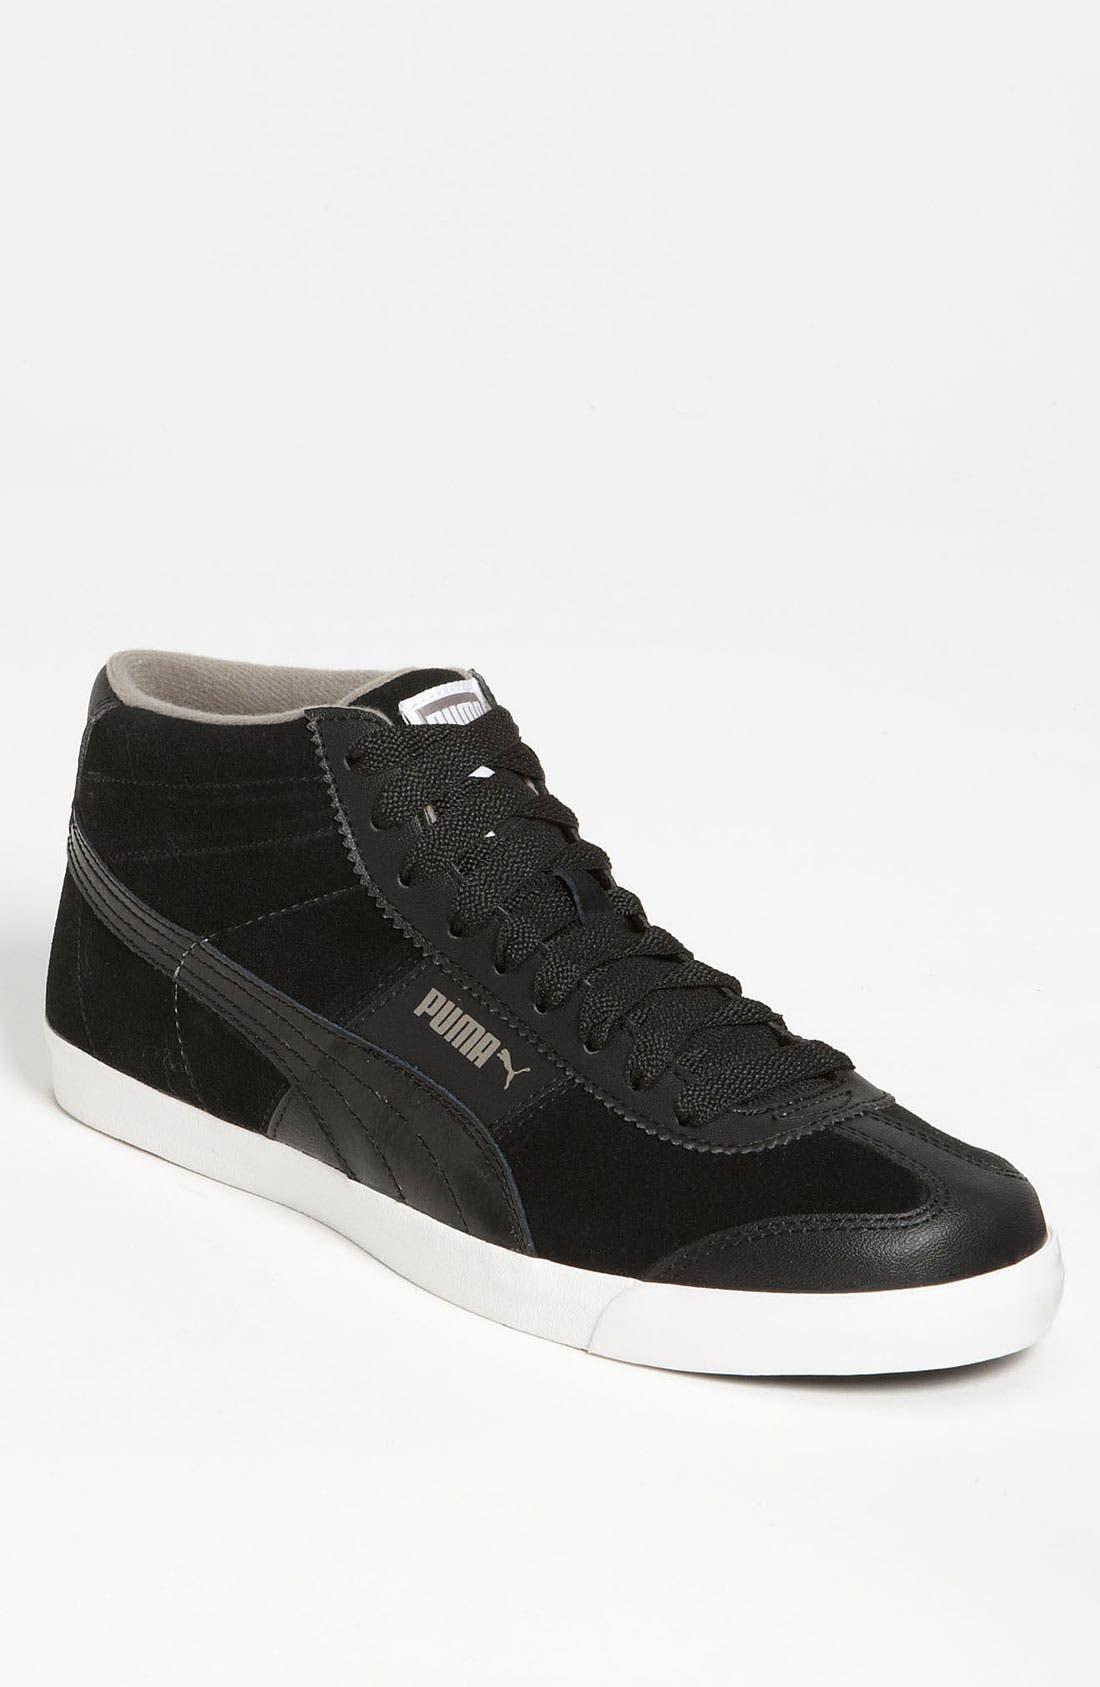 Alternate Image 1 Selected - PUMA 'Roma LP HI Lodge' Sneaker (Men)